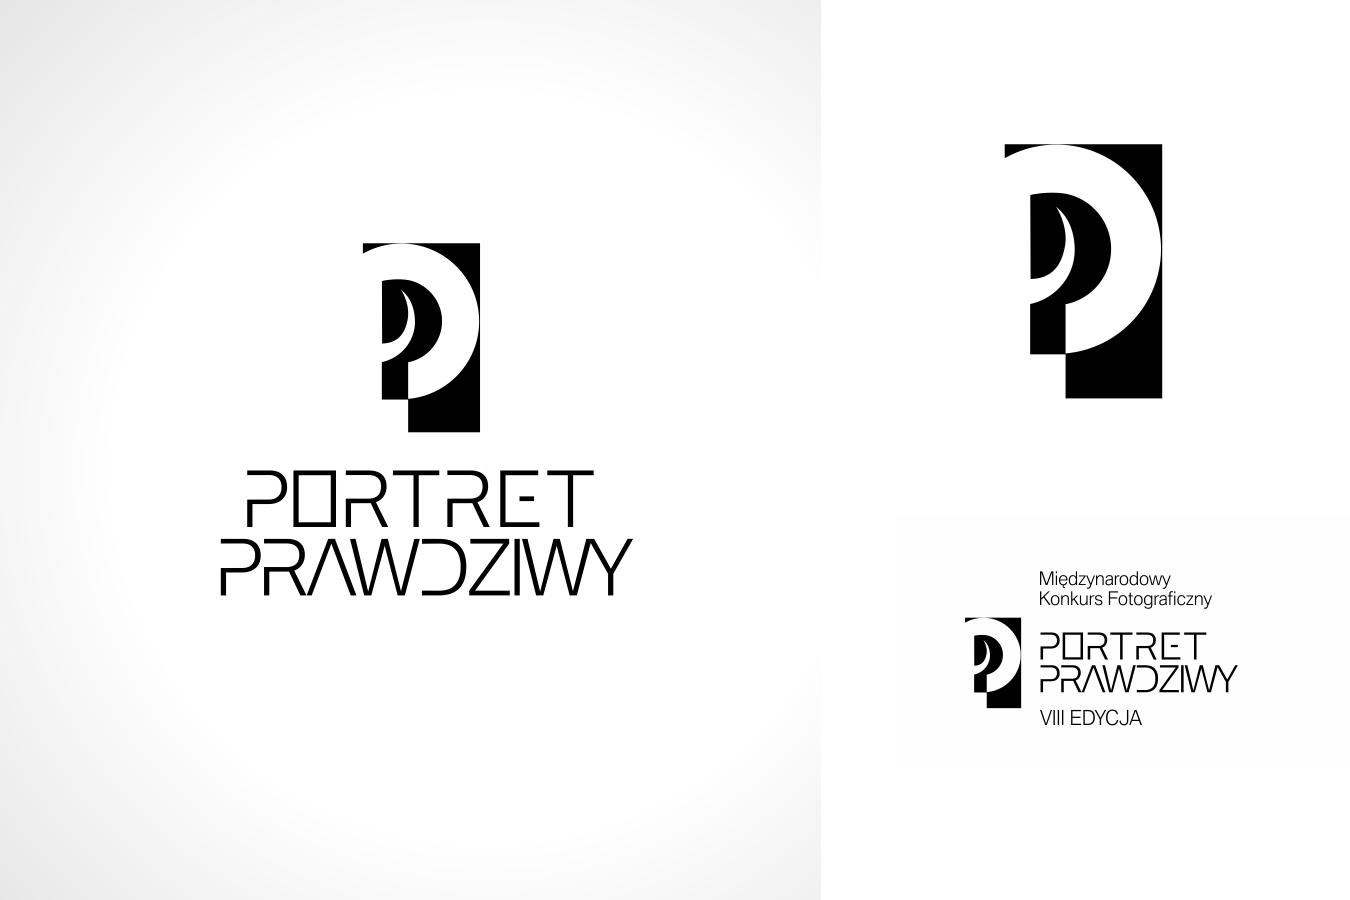 design_branding_Portret_Prawdziwy_03